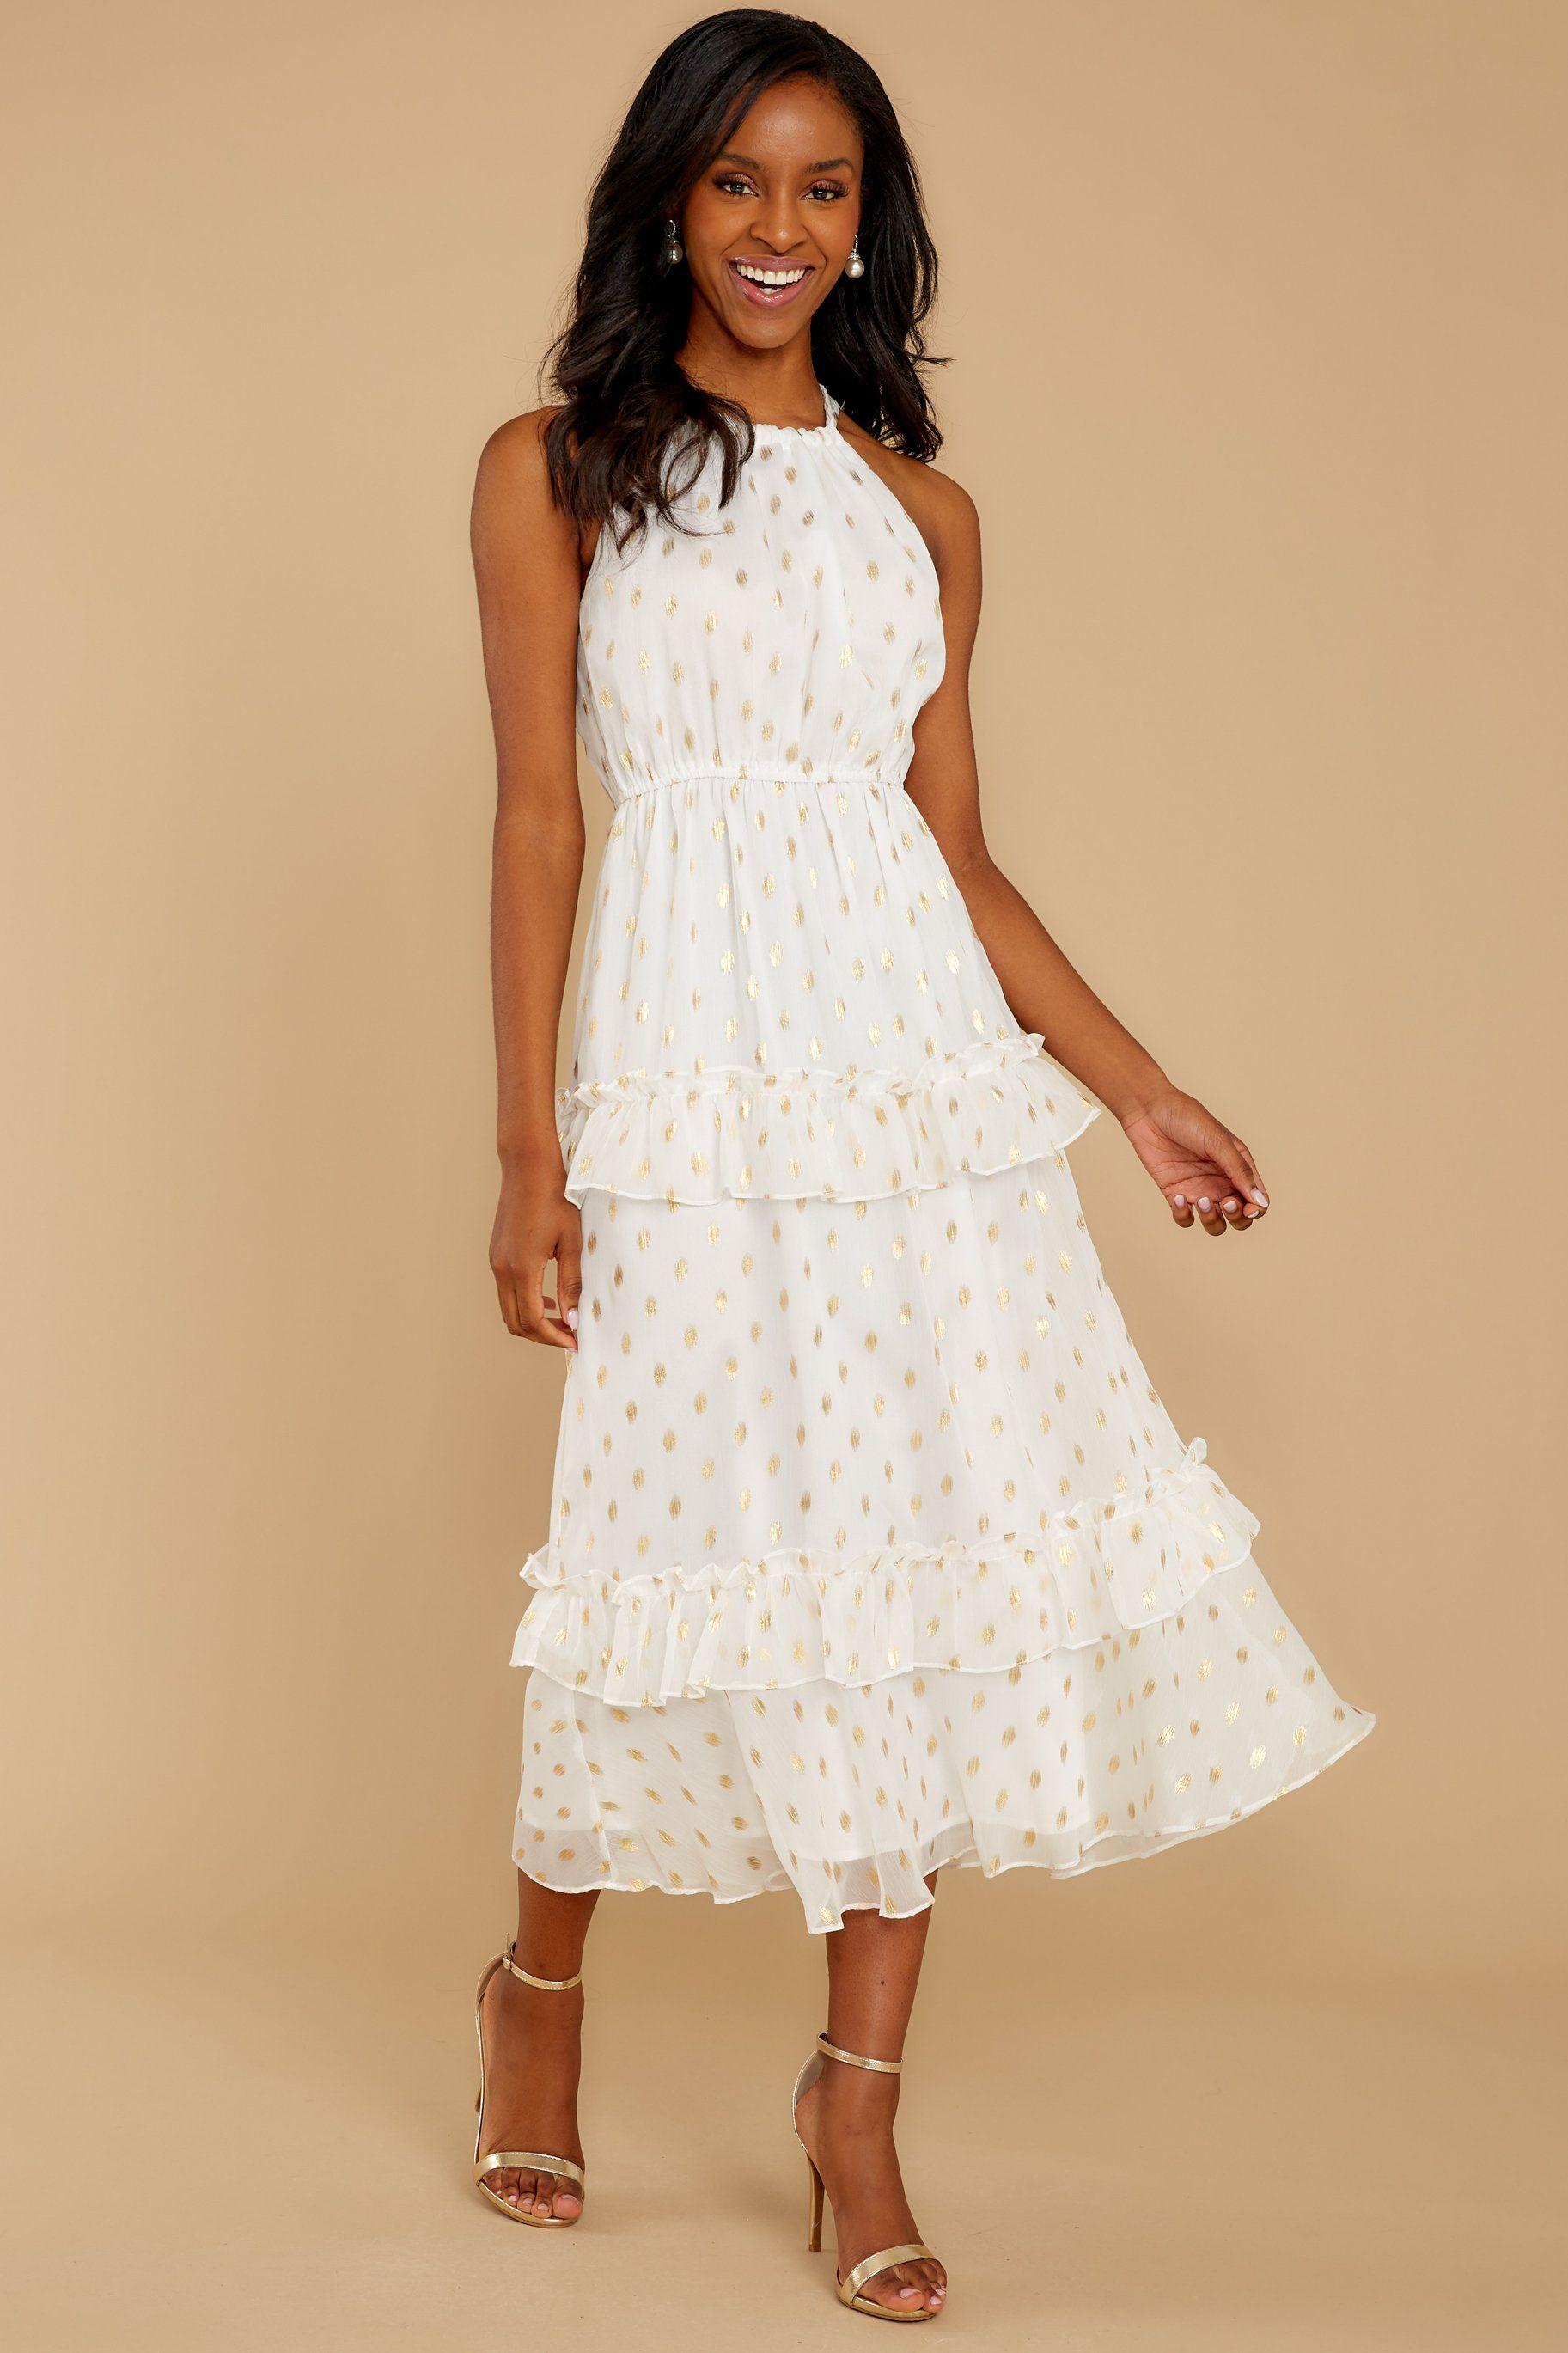 Darling girl white and gold polka dot midi dress in 2020